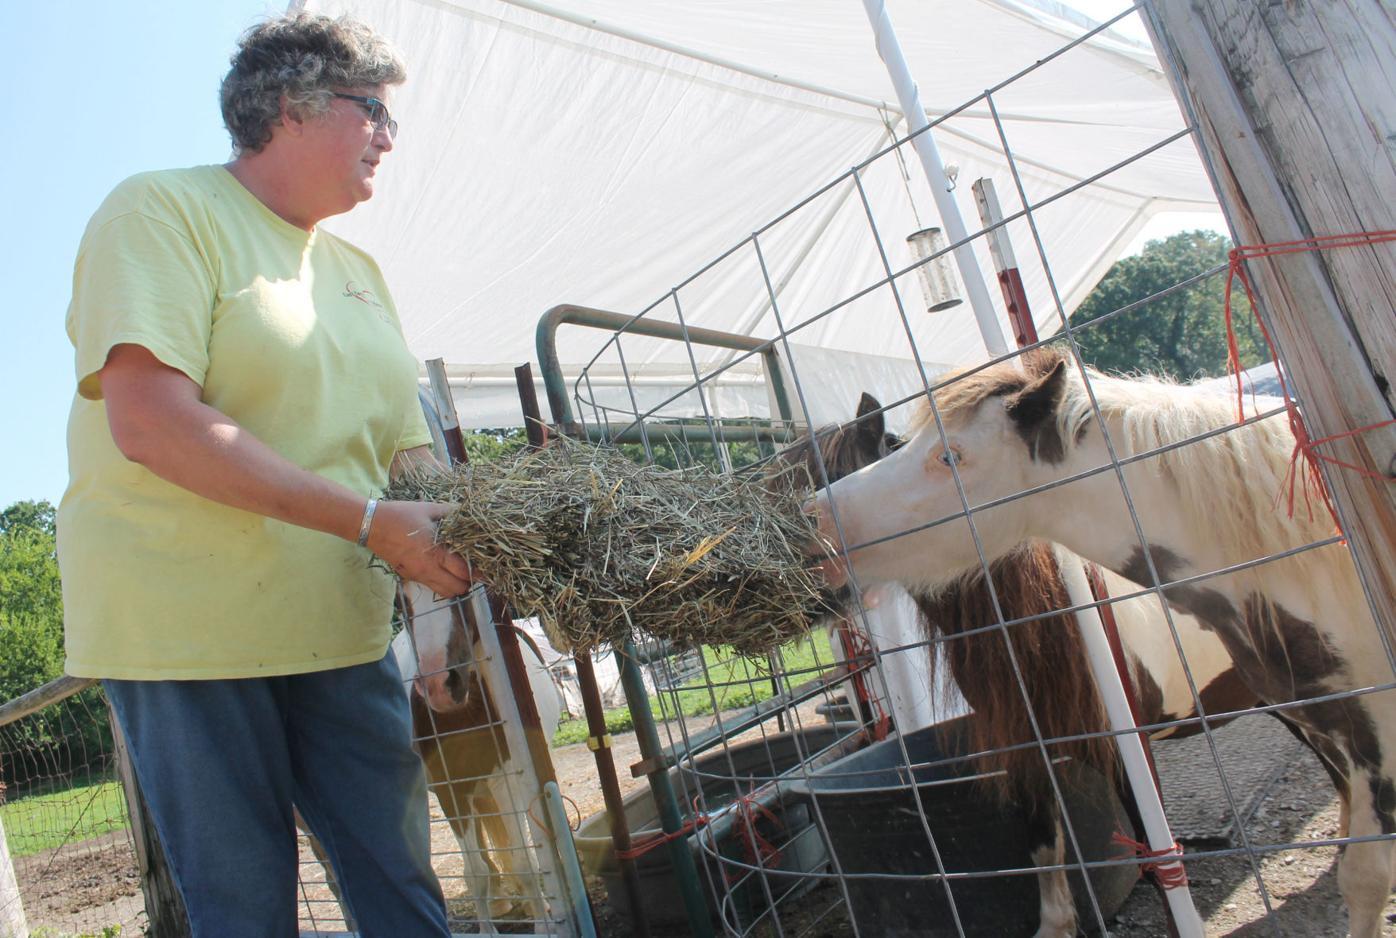 Animal rescue a 'labor of love'